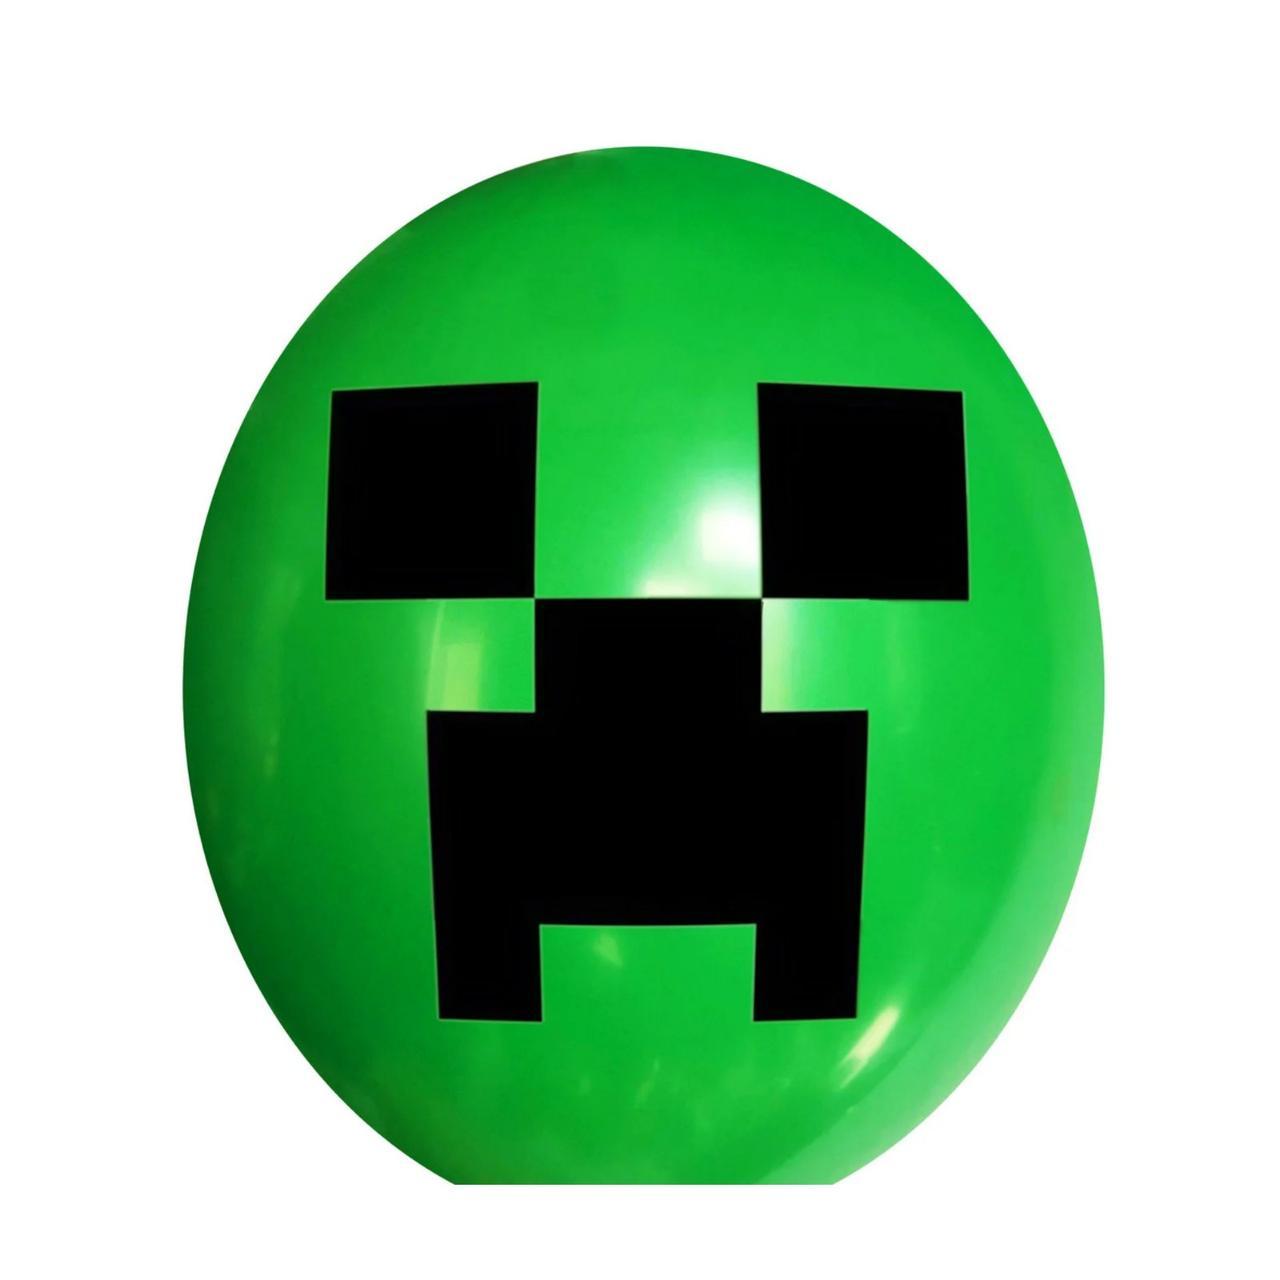 """Повітряні кулі зелені Майнкрафт 30 см (12"""") Мексика поштучно"""